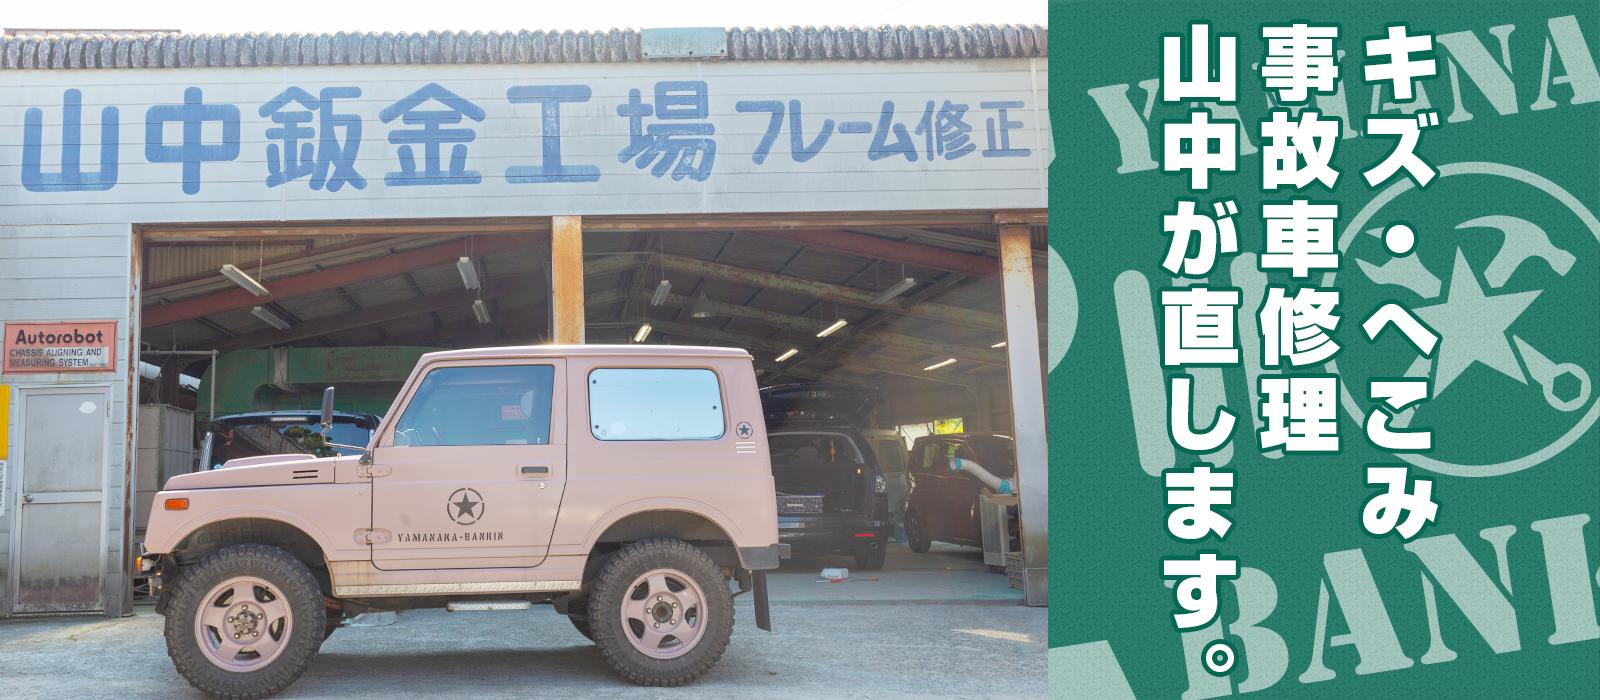 キズ・へこみ事故車修理山中が直します。